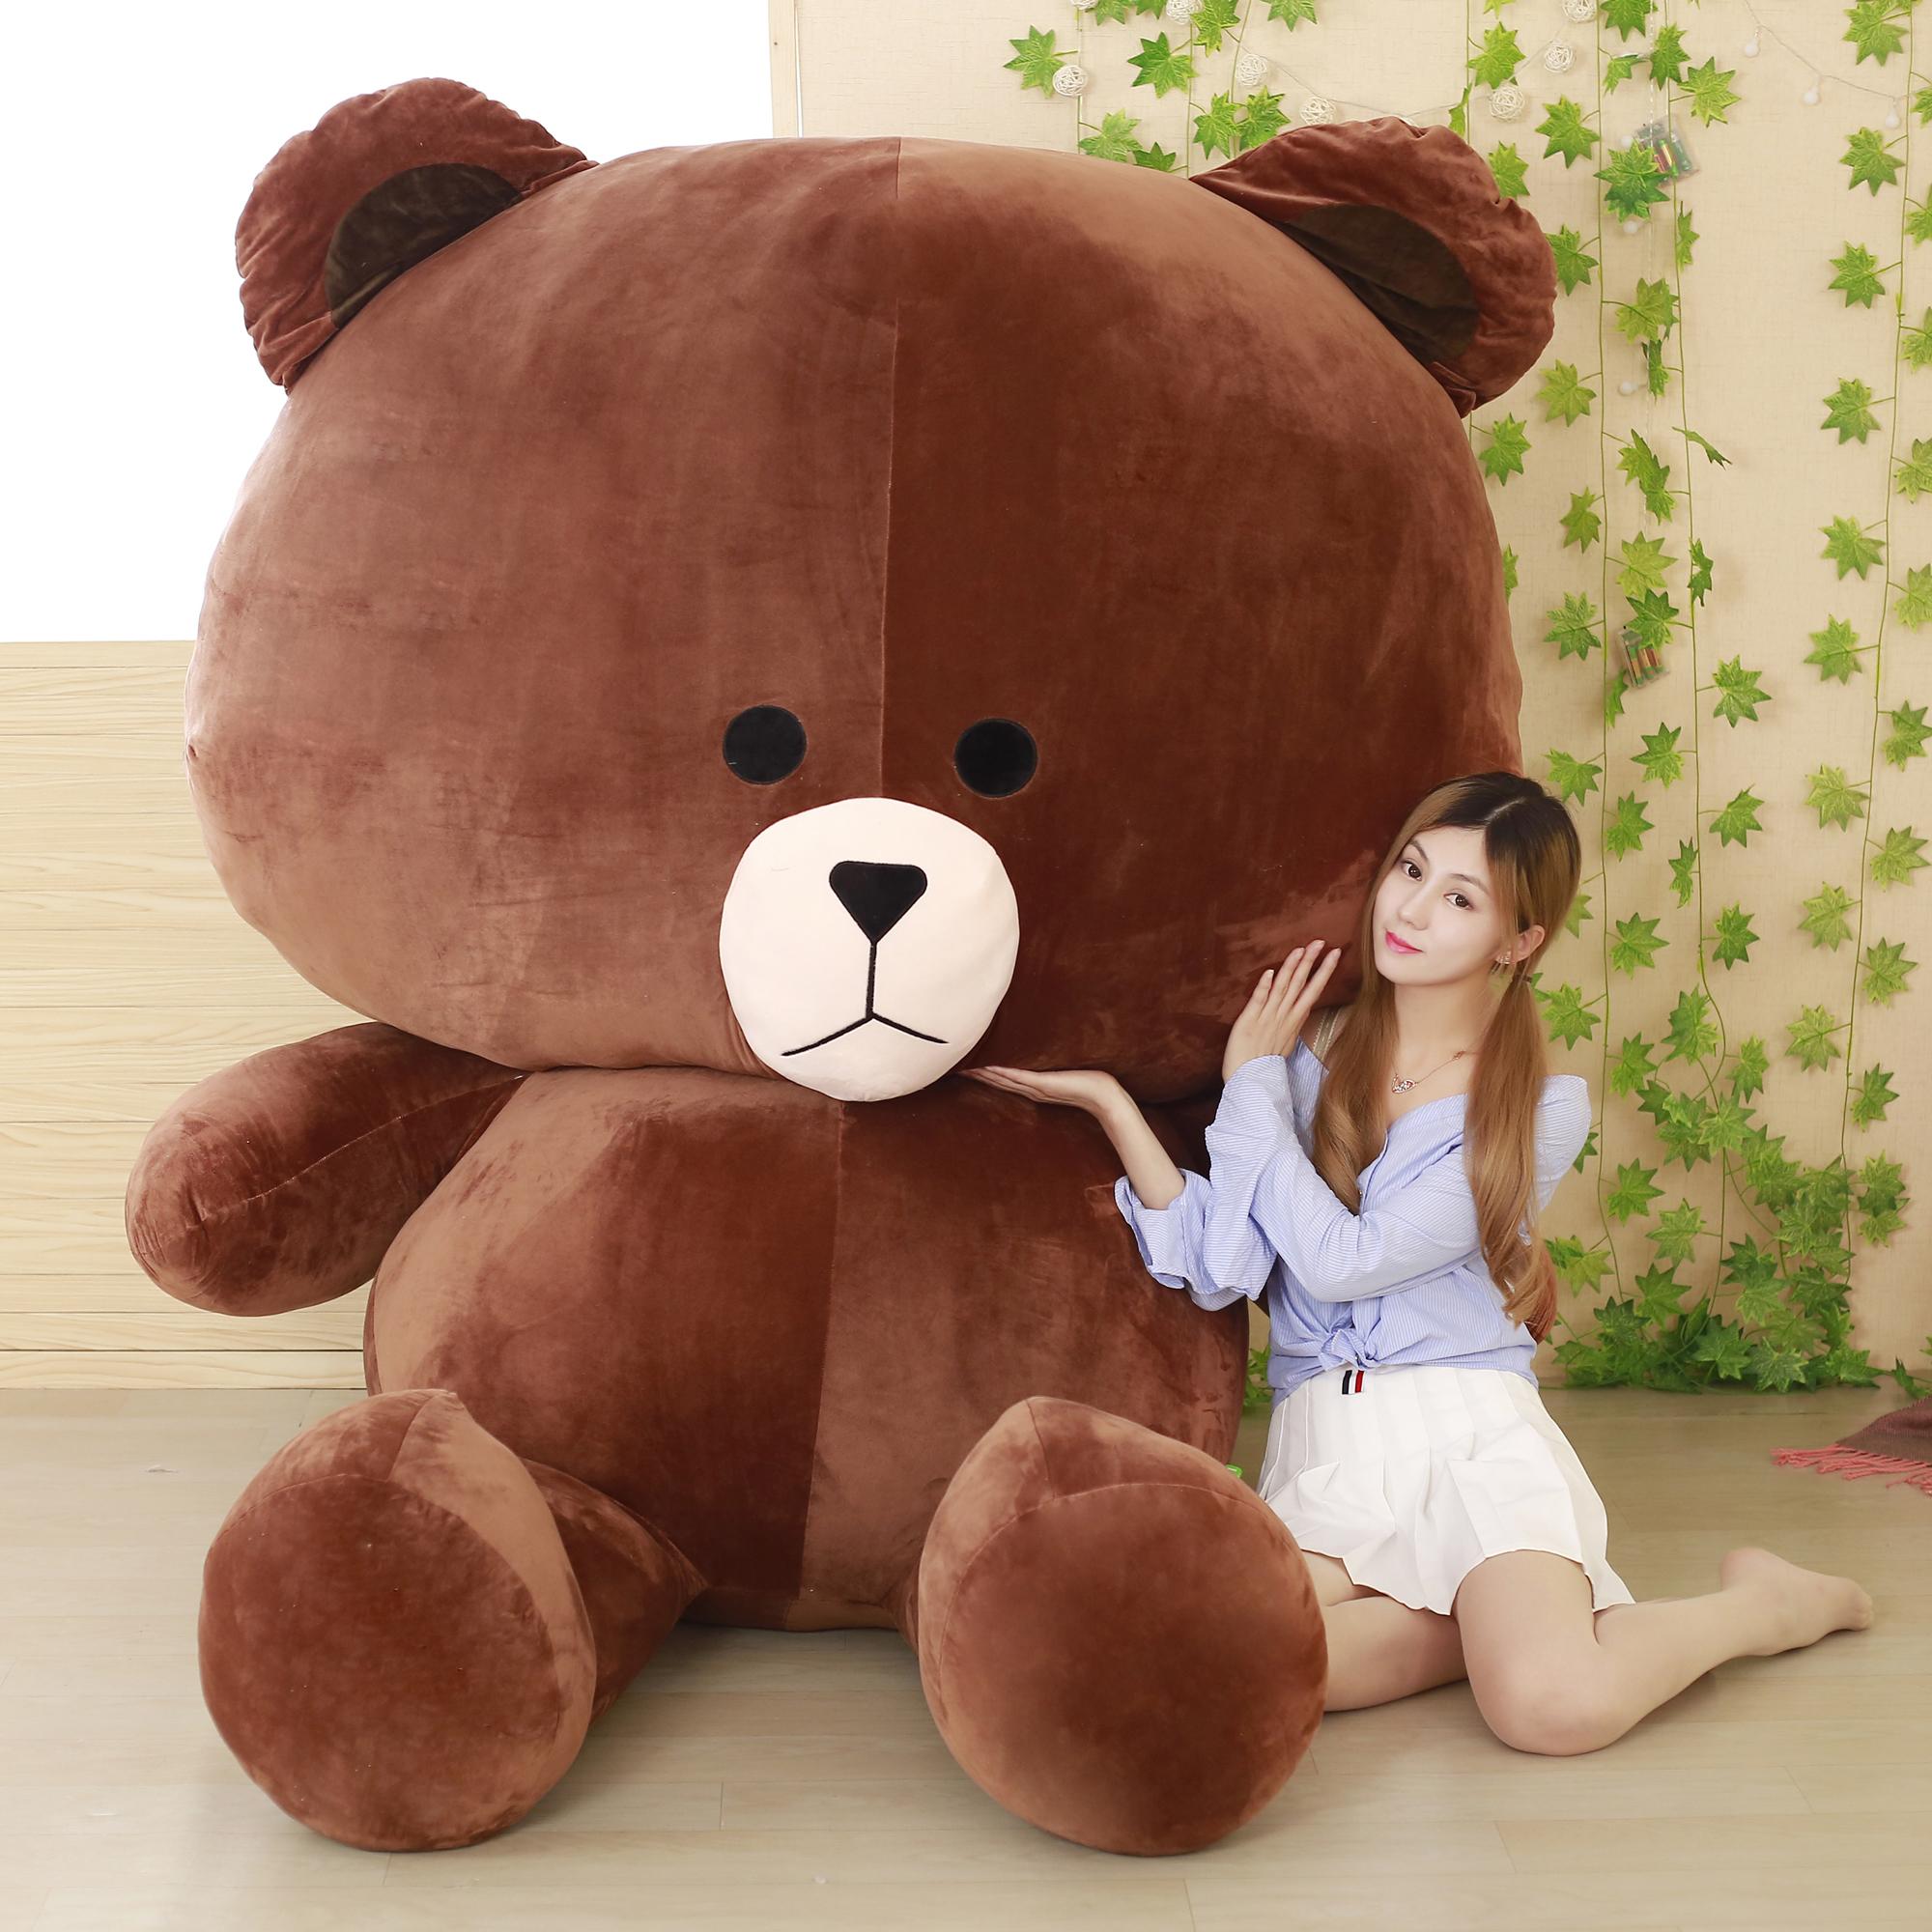 Giant Teddy Bear Giant Stuffed Animals Stuffed Bear